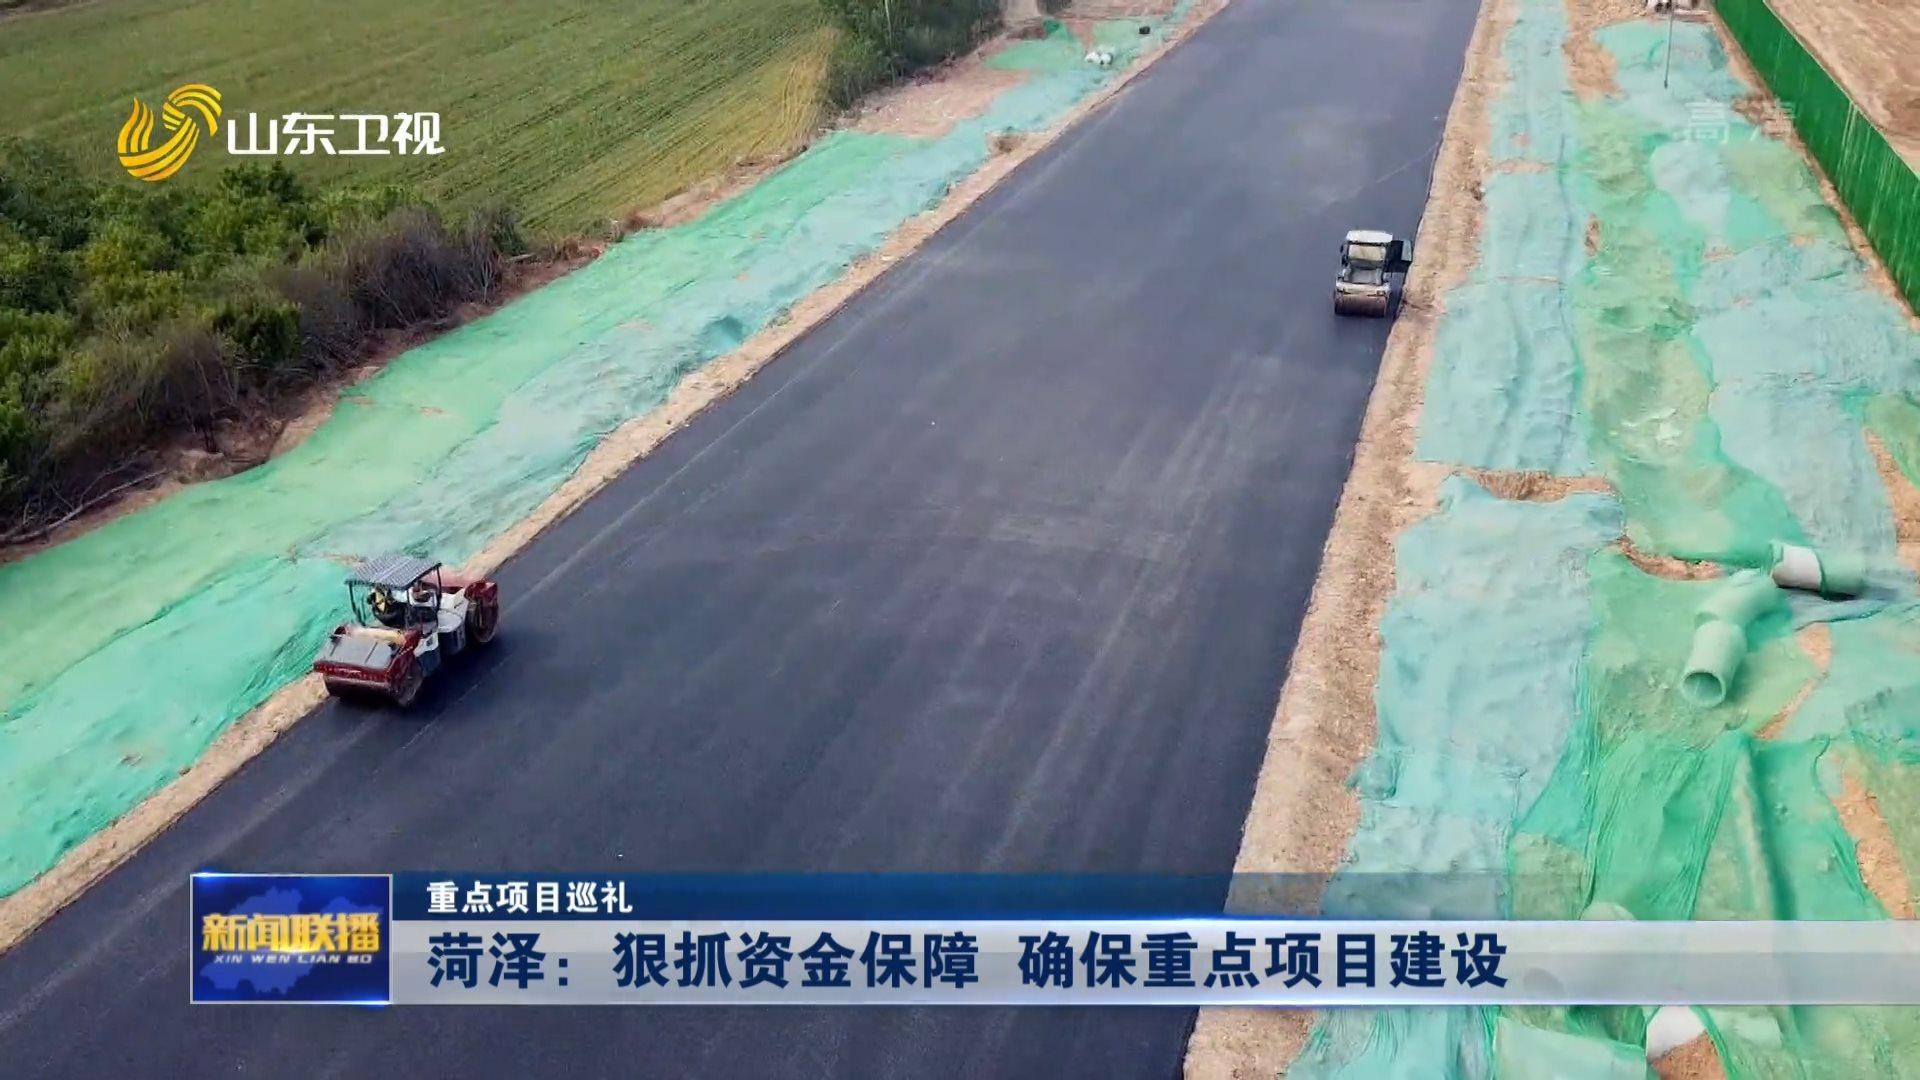 【重点项目巡礼】菏泽:狠抓资金保障 确保重点项目建设